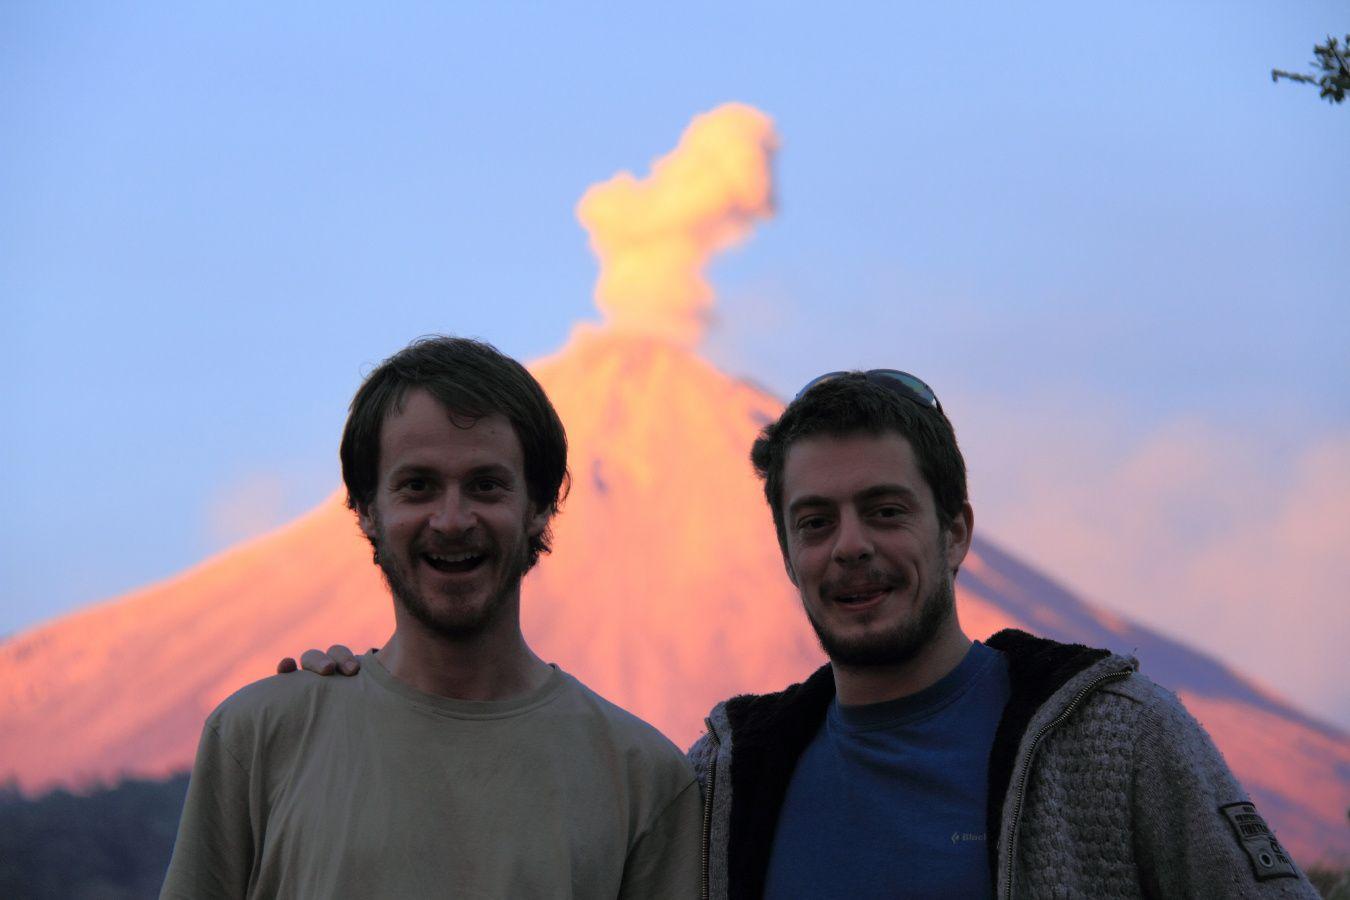 Deux volcanologues heureux